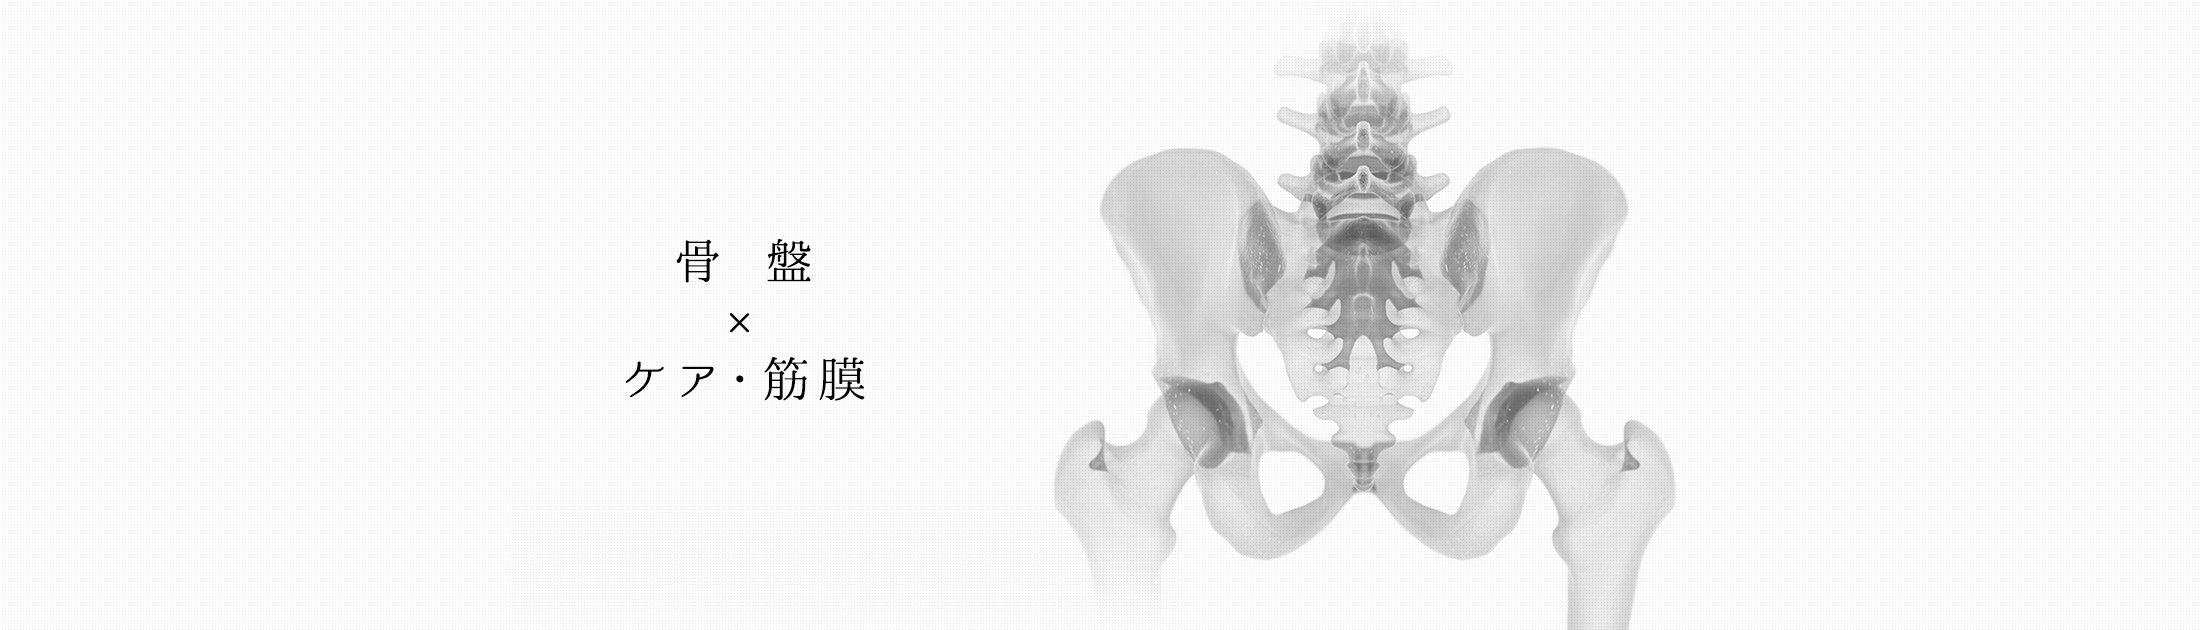 ビイスタイル,ビィスタイル,ビースタイル,骨盤×ケア・筋膜